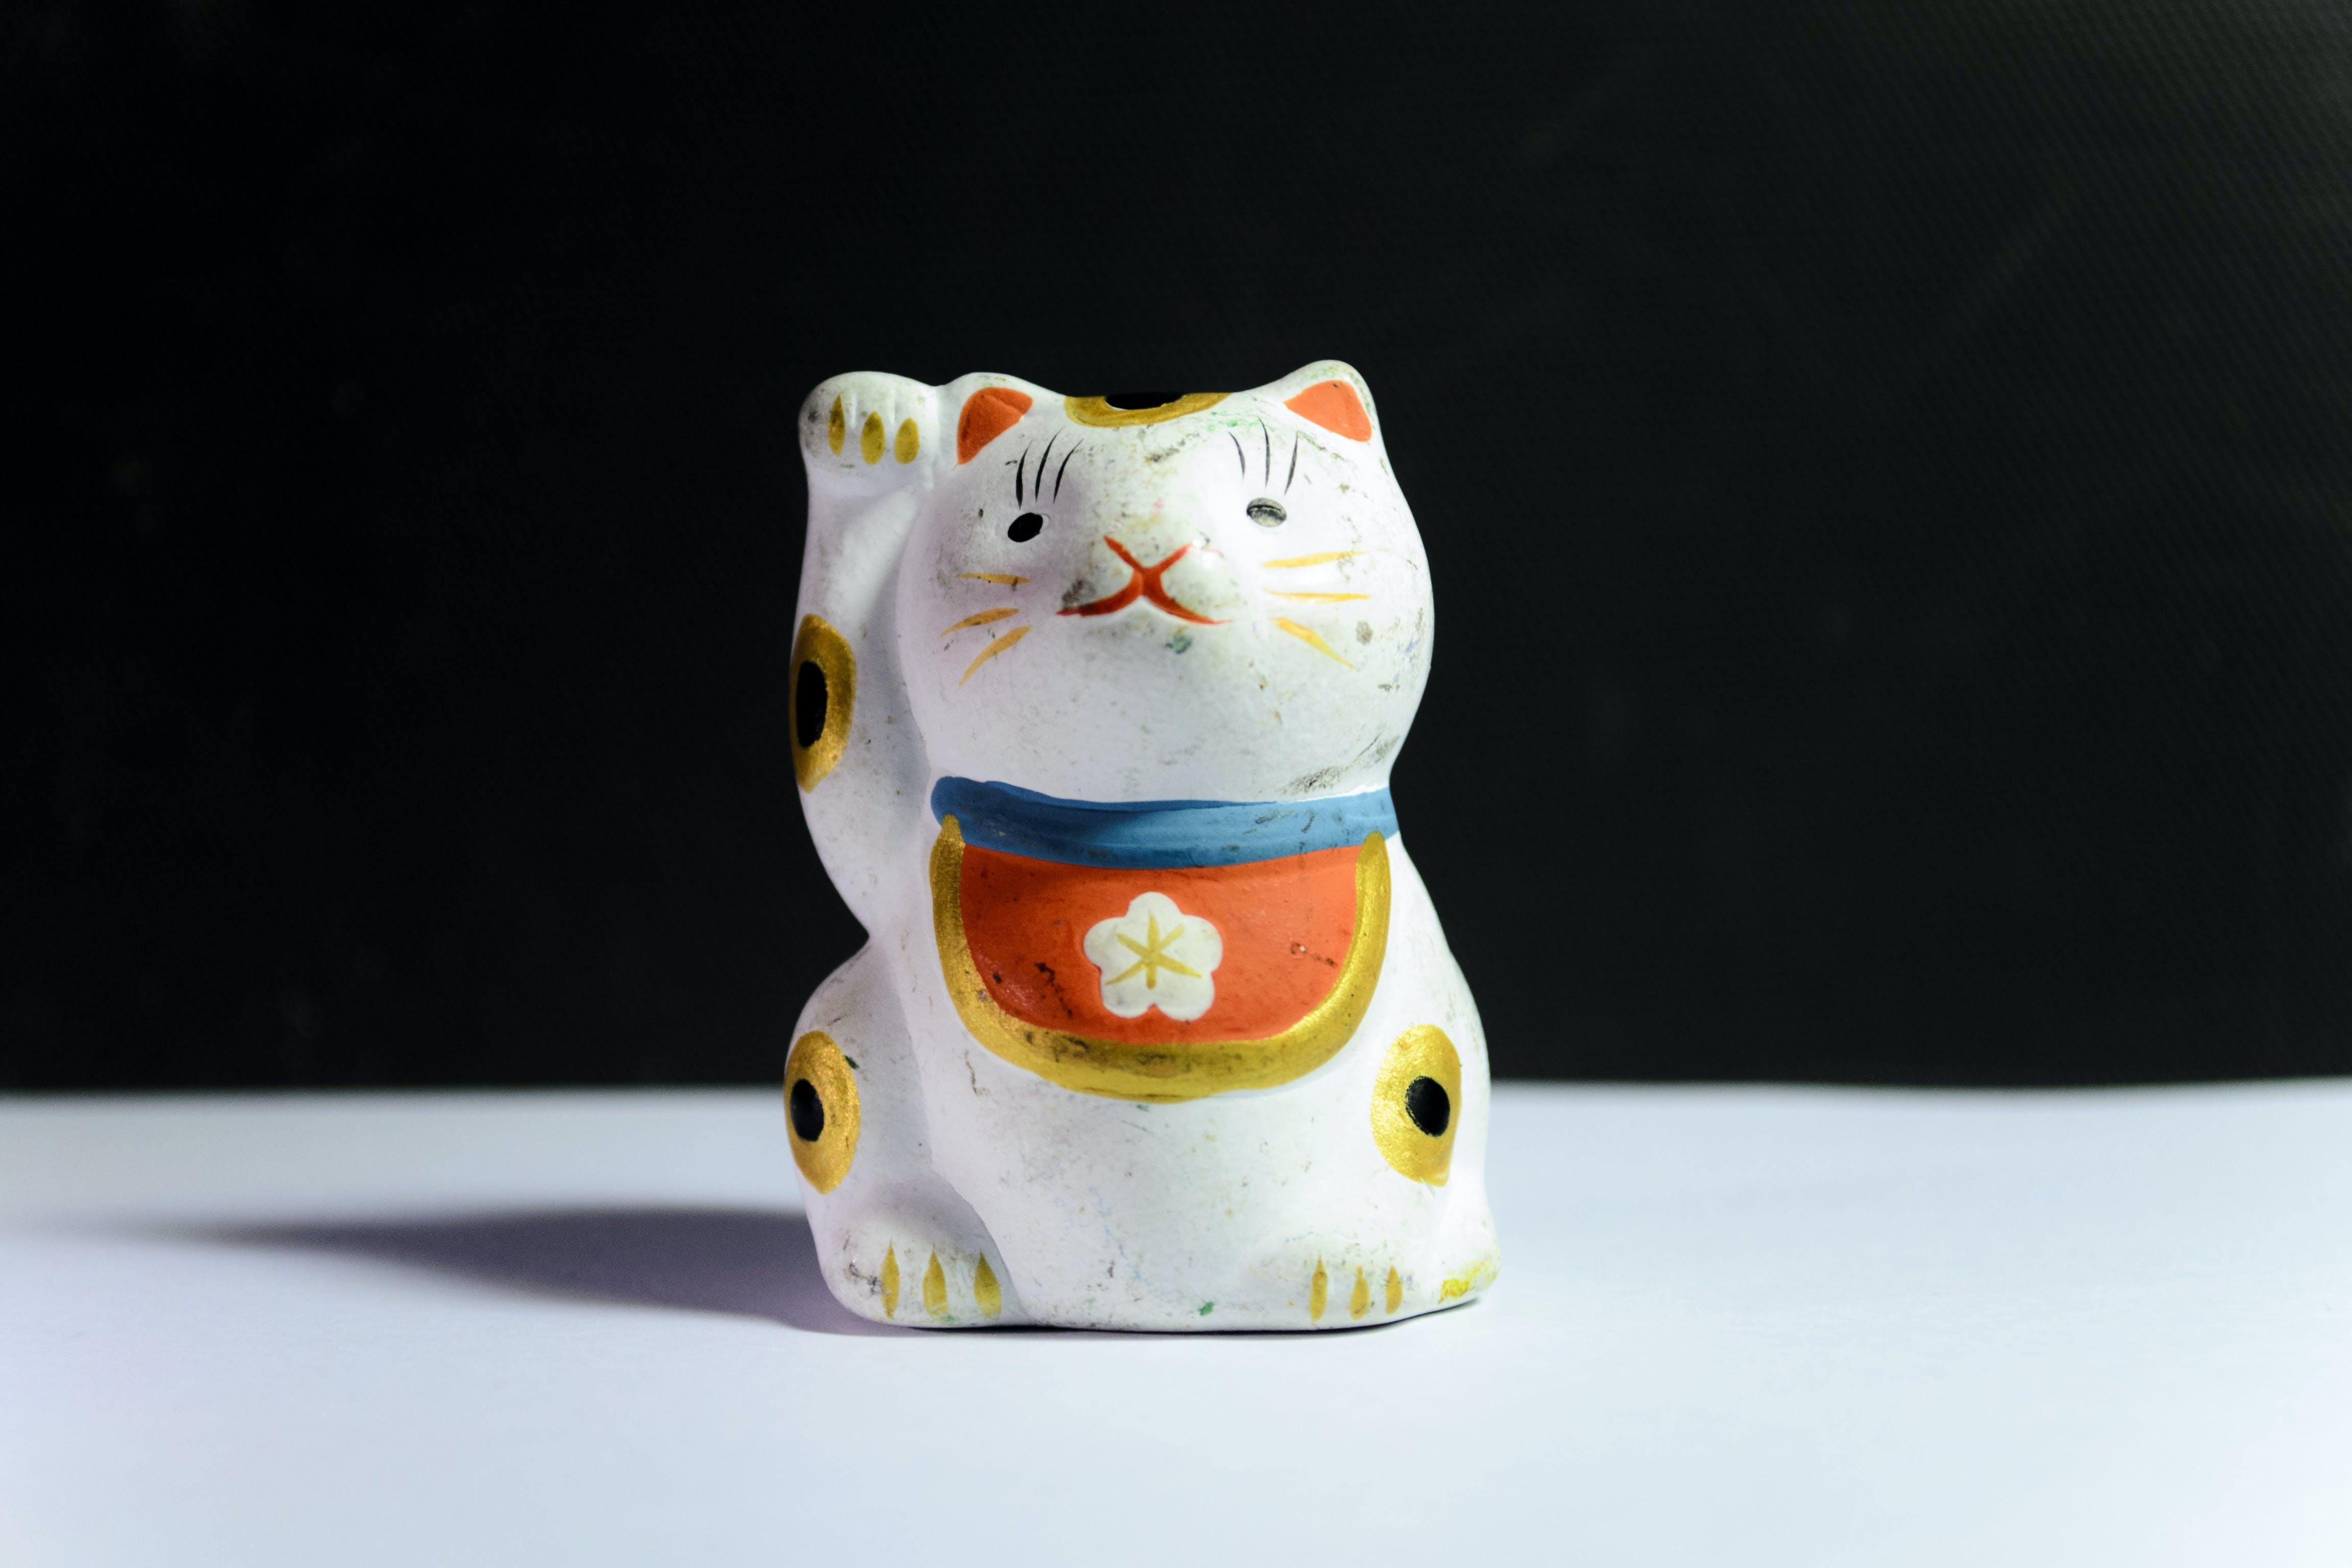 Ilmainen kuvapankkikuva tunnisteilla charmi, kissa, maneki, maneki-neko